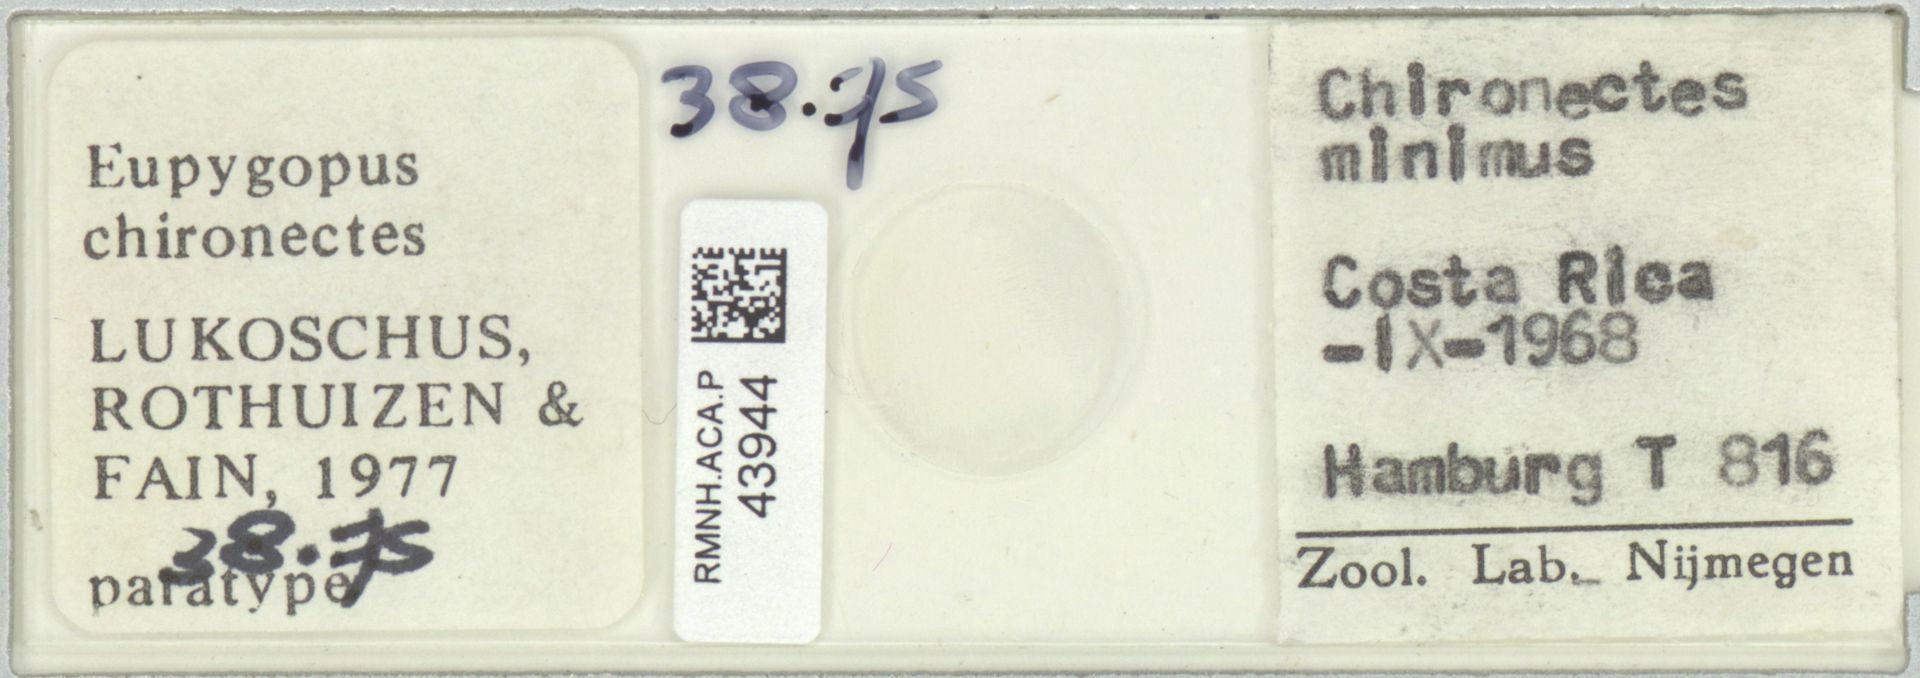 RMNH.ACA.P.43944 | Eupygopus chironectes Lukoschus, Rothuizen & Fain, 1977